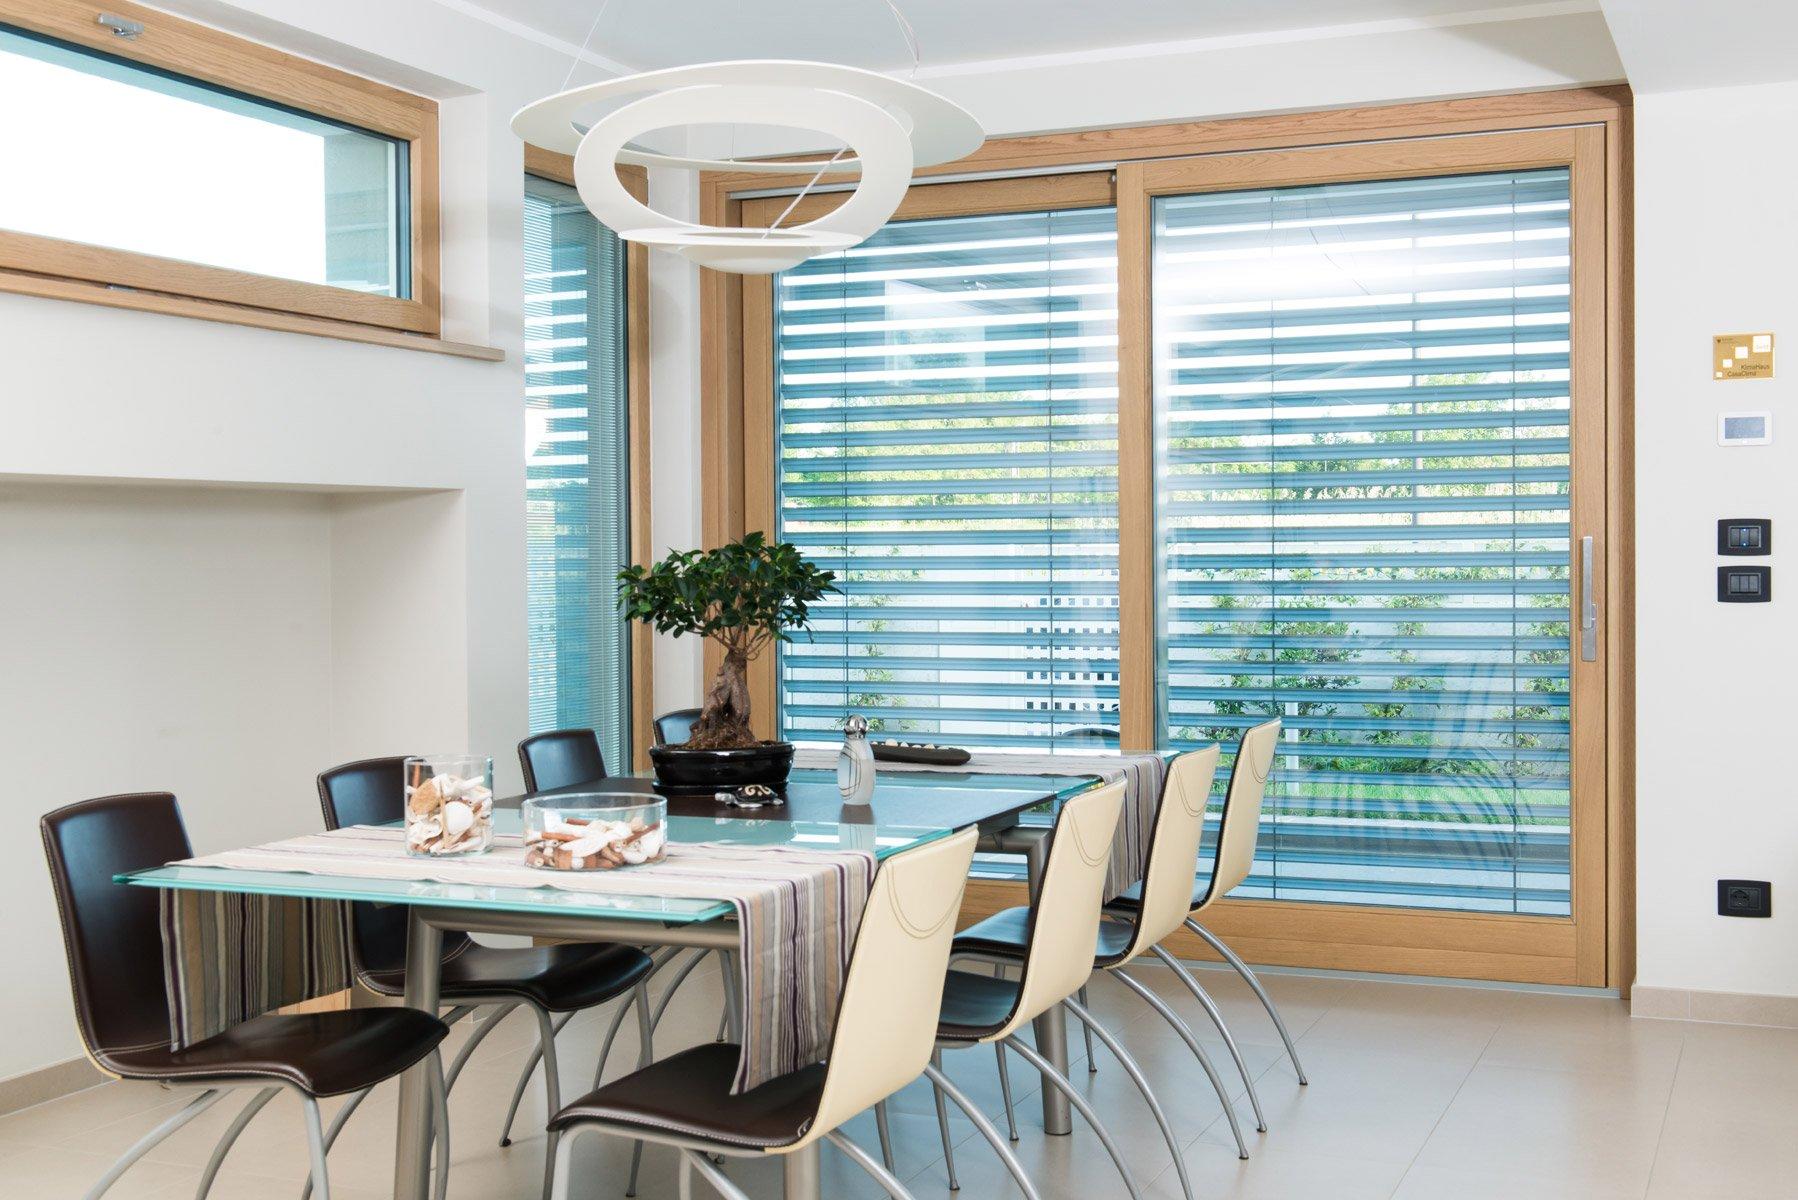 isolamento termico finestre - veneziana ombreggiante integrata